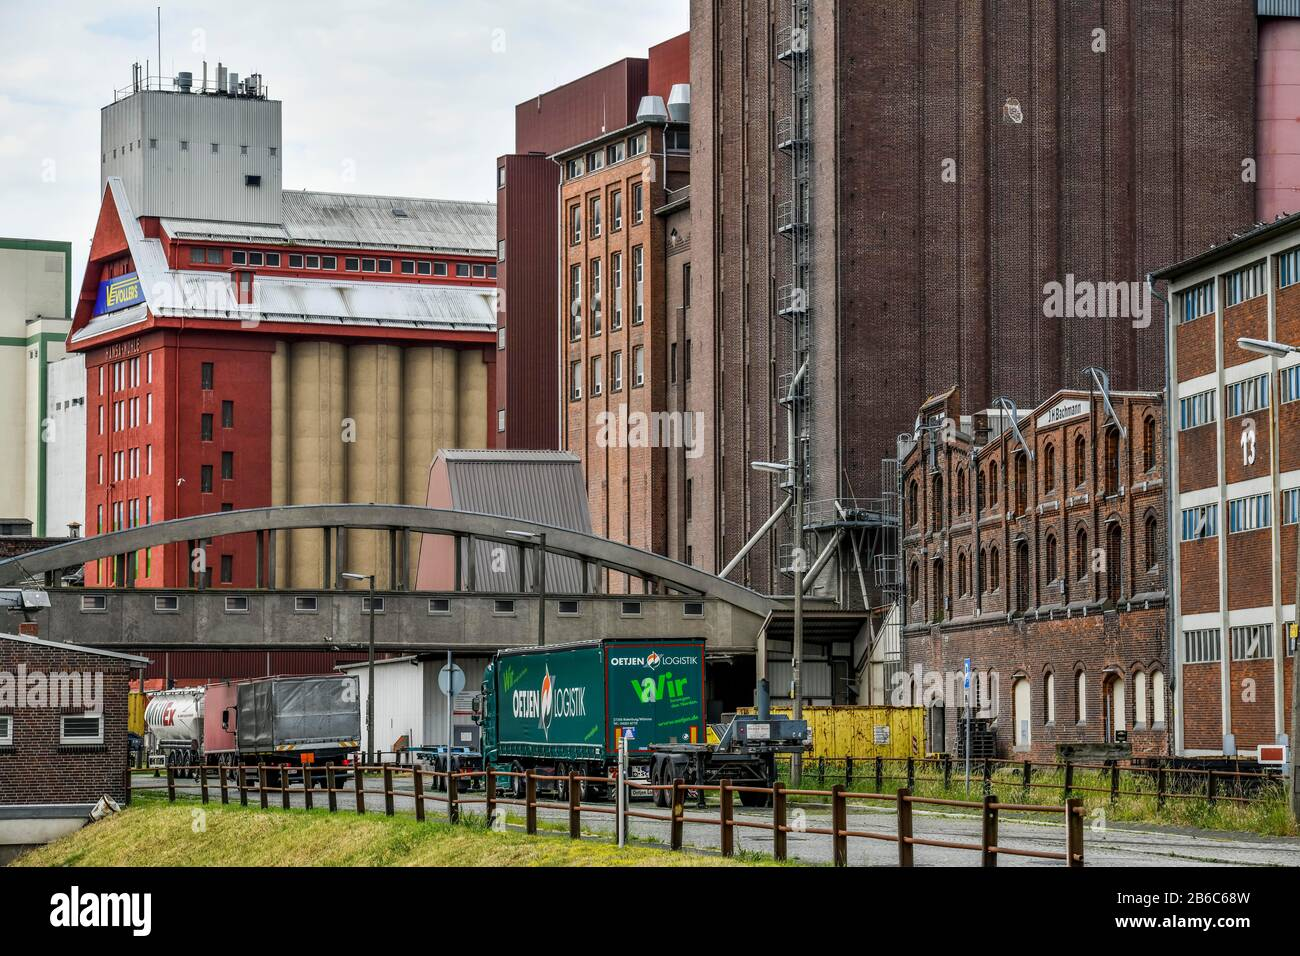 Lagerhäuser, Fabrikenufer, Überseestadt, Bremen, Deutschland Stock Photo